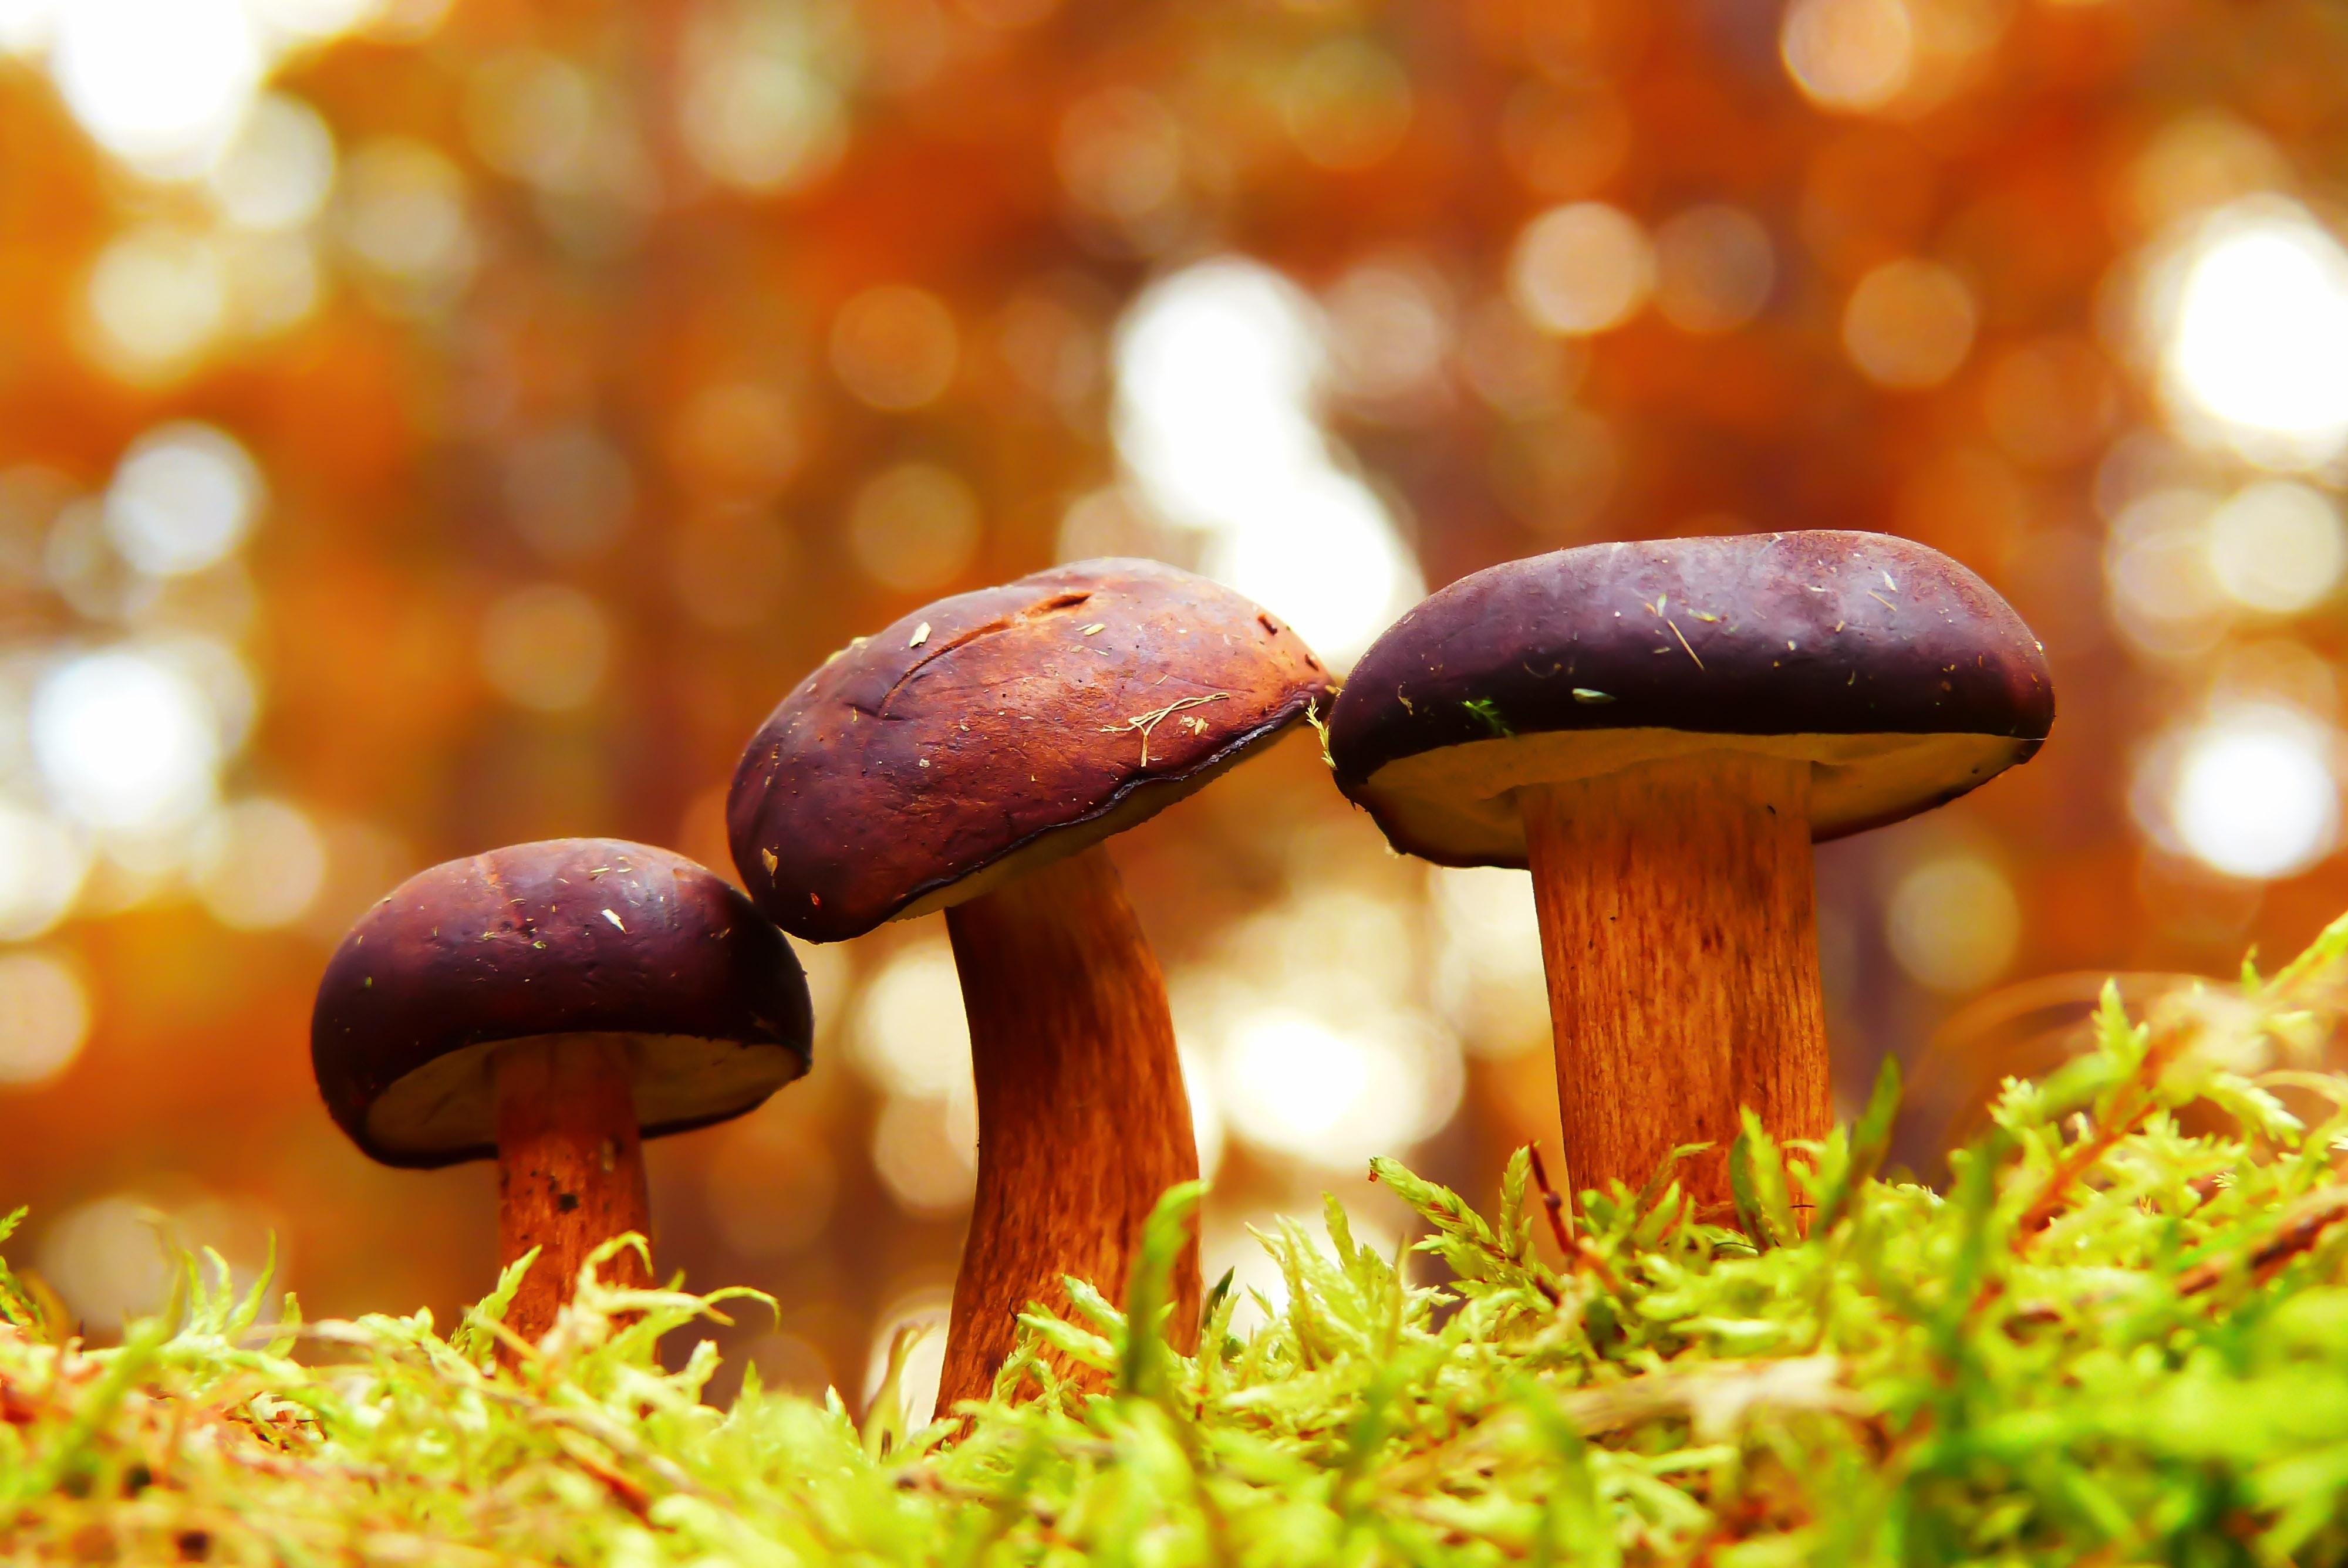 Mushroom or Beer?